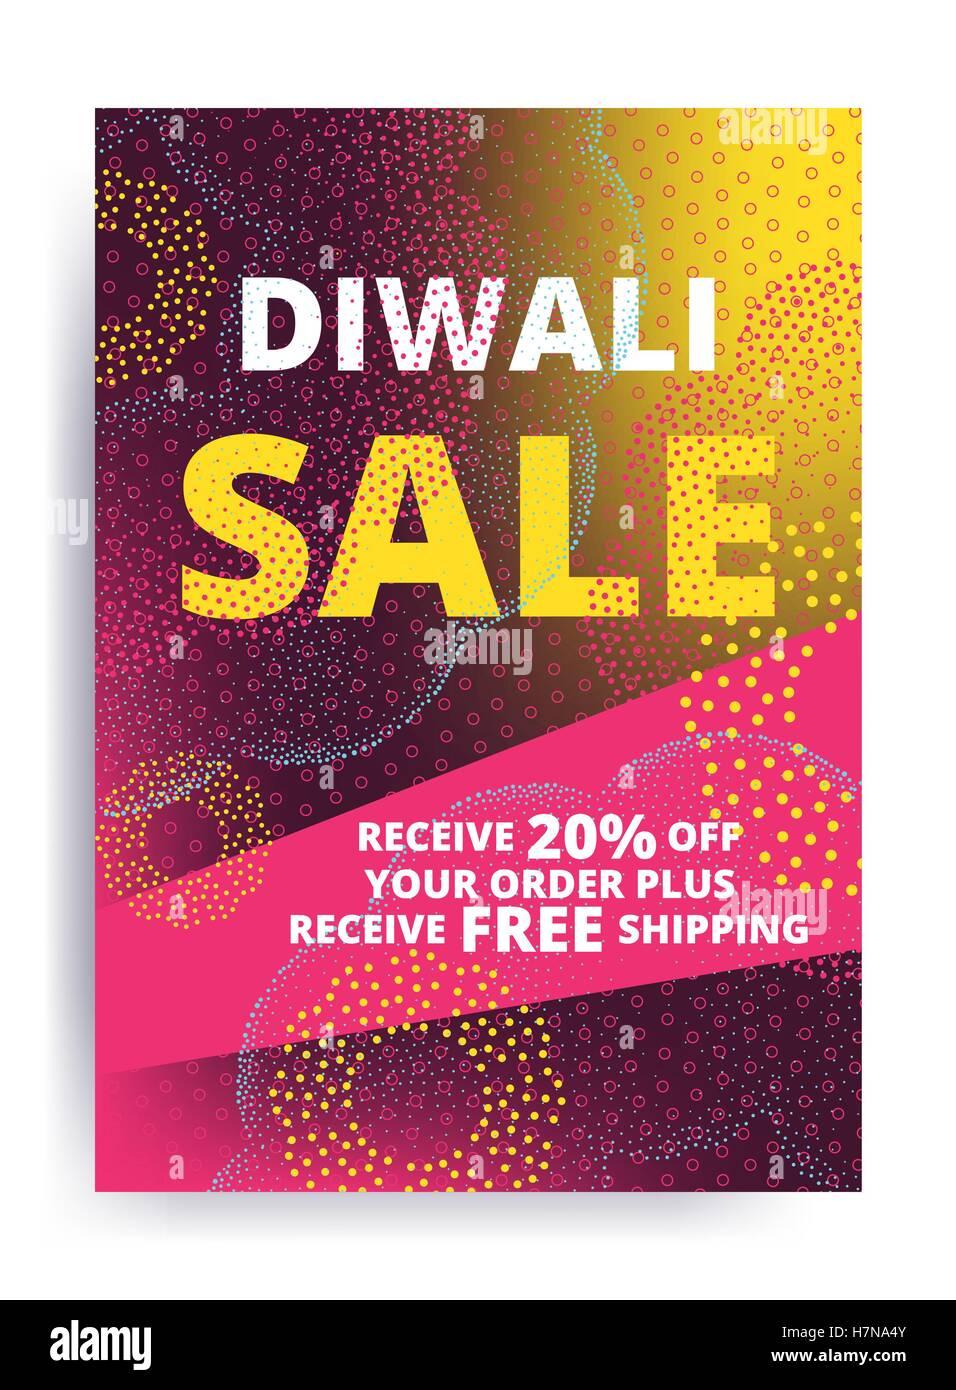 Vektor Diwali Festival Angebot Poster Design Vorlage Verkauf mit leuchtend rosa, gelbe Lichter, Feuerwerk Stockbild